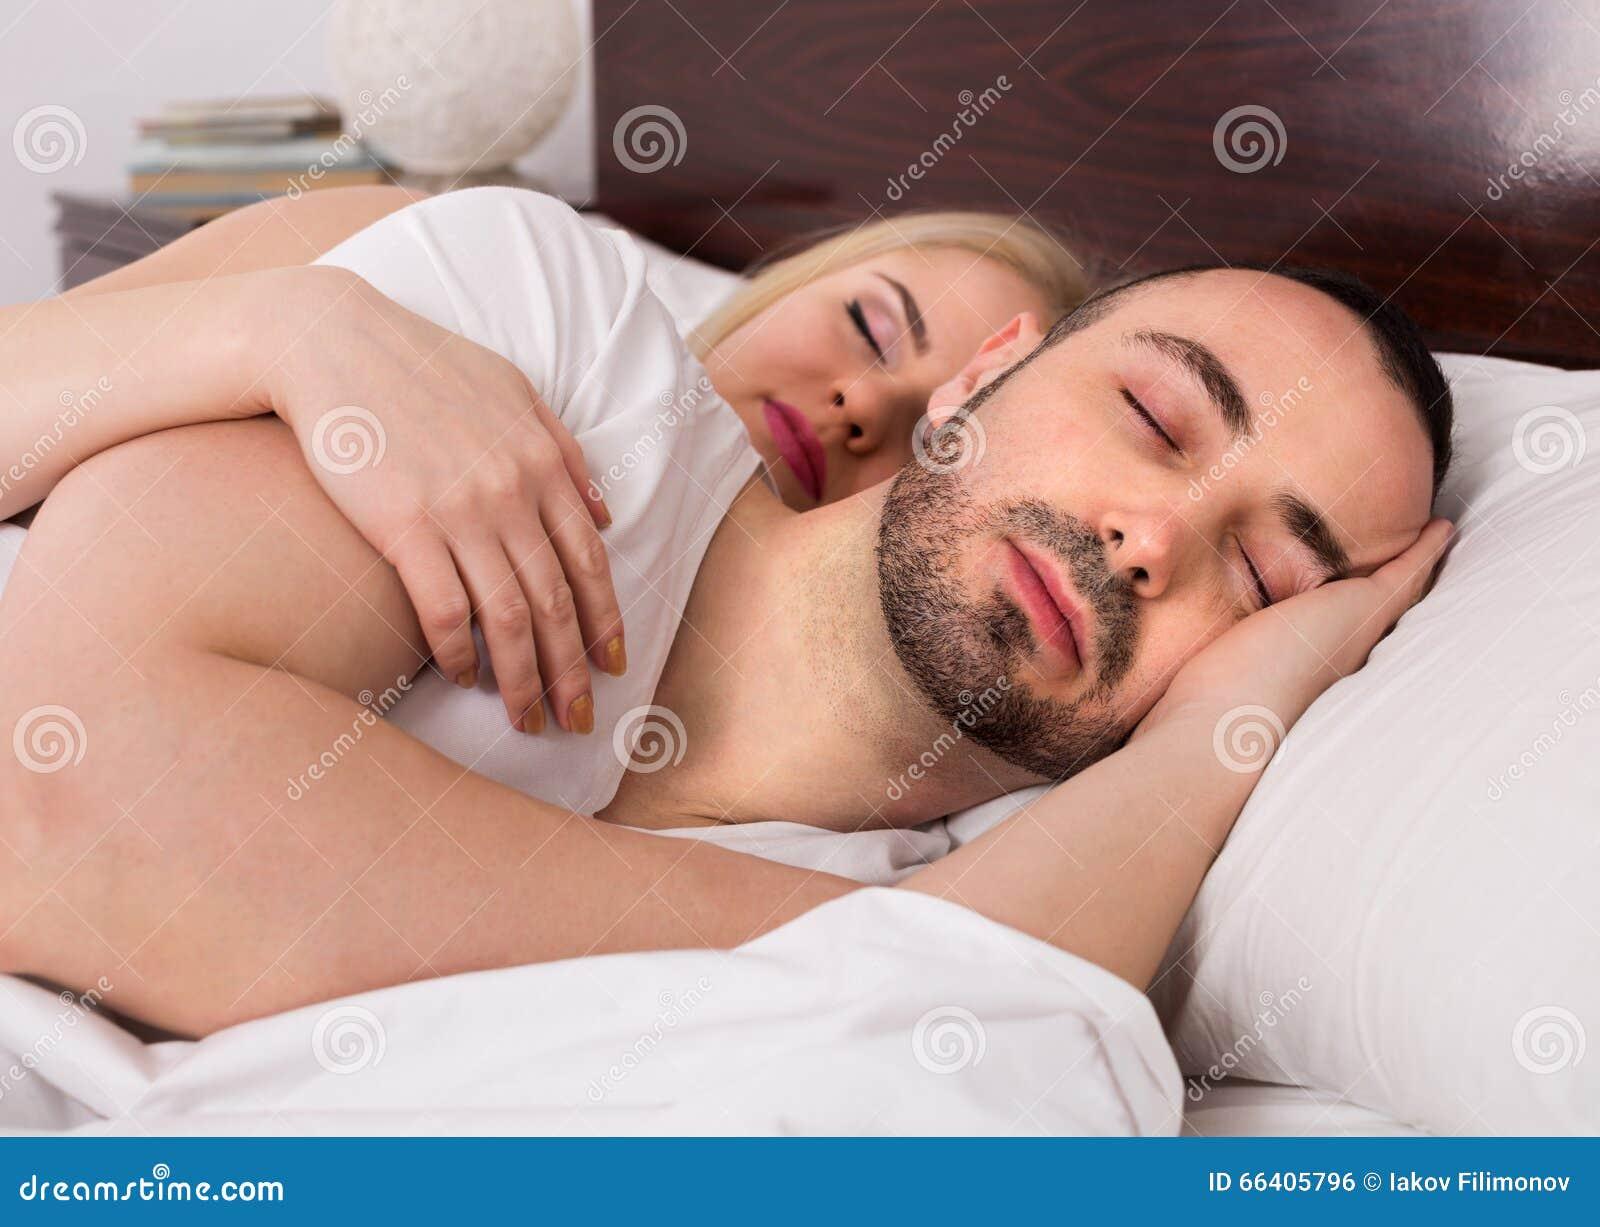 Gemeinsam schlafen und datieren